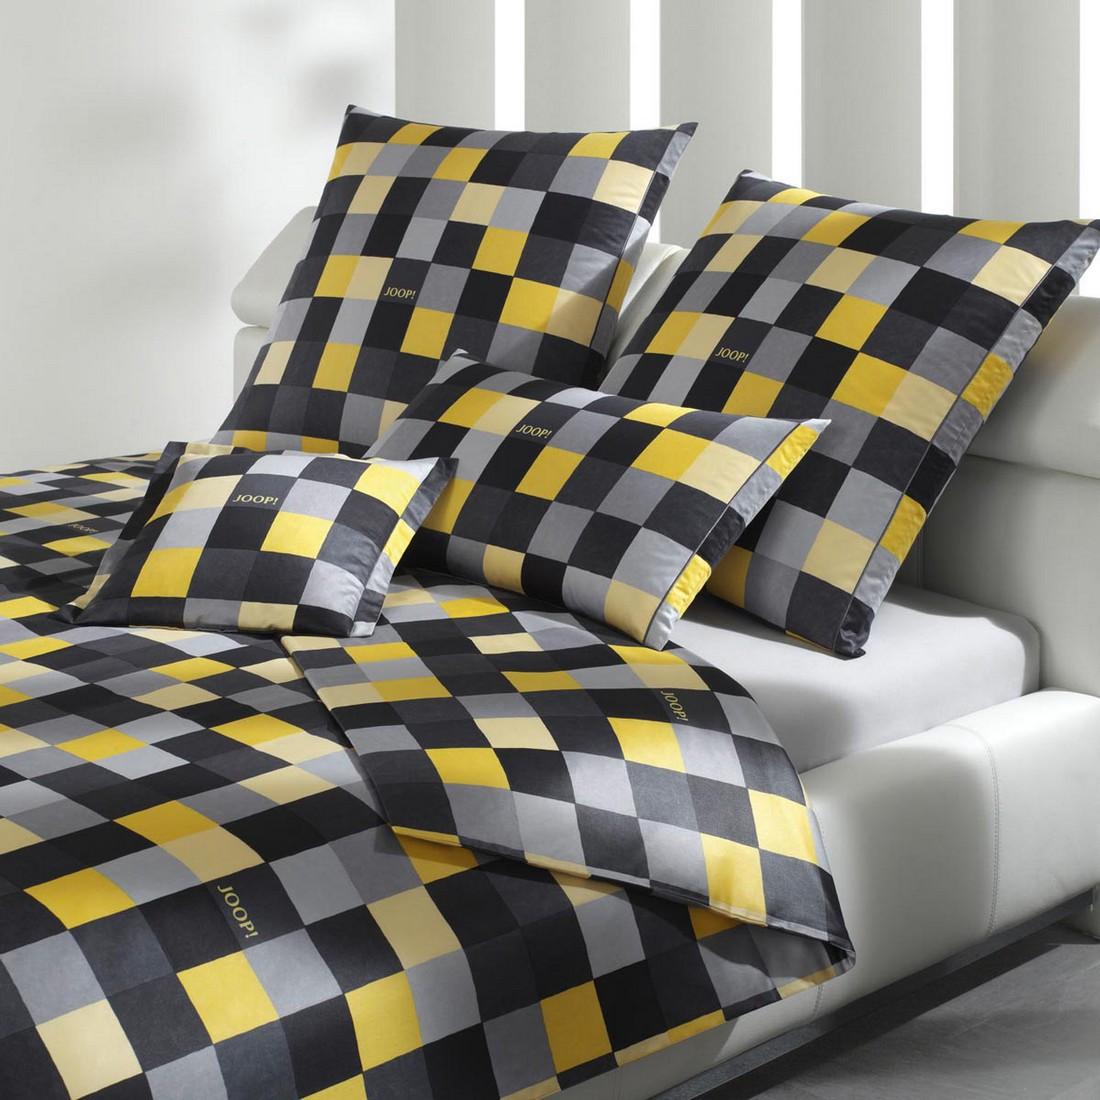 Bettwäsche Mosaik citrin 4003-3 – 100% Baumwolle – Mehrfarbig – 135 x 200 cm, Joop günstig bestellen